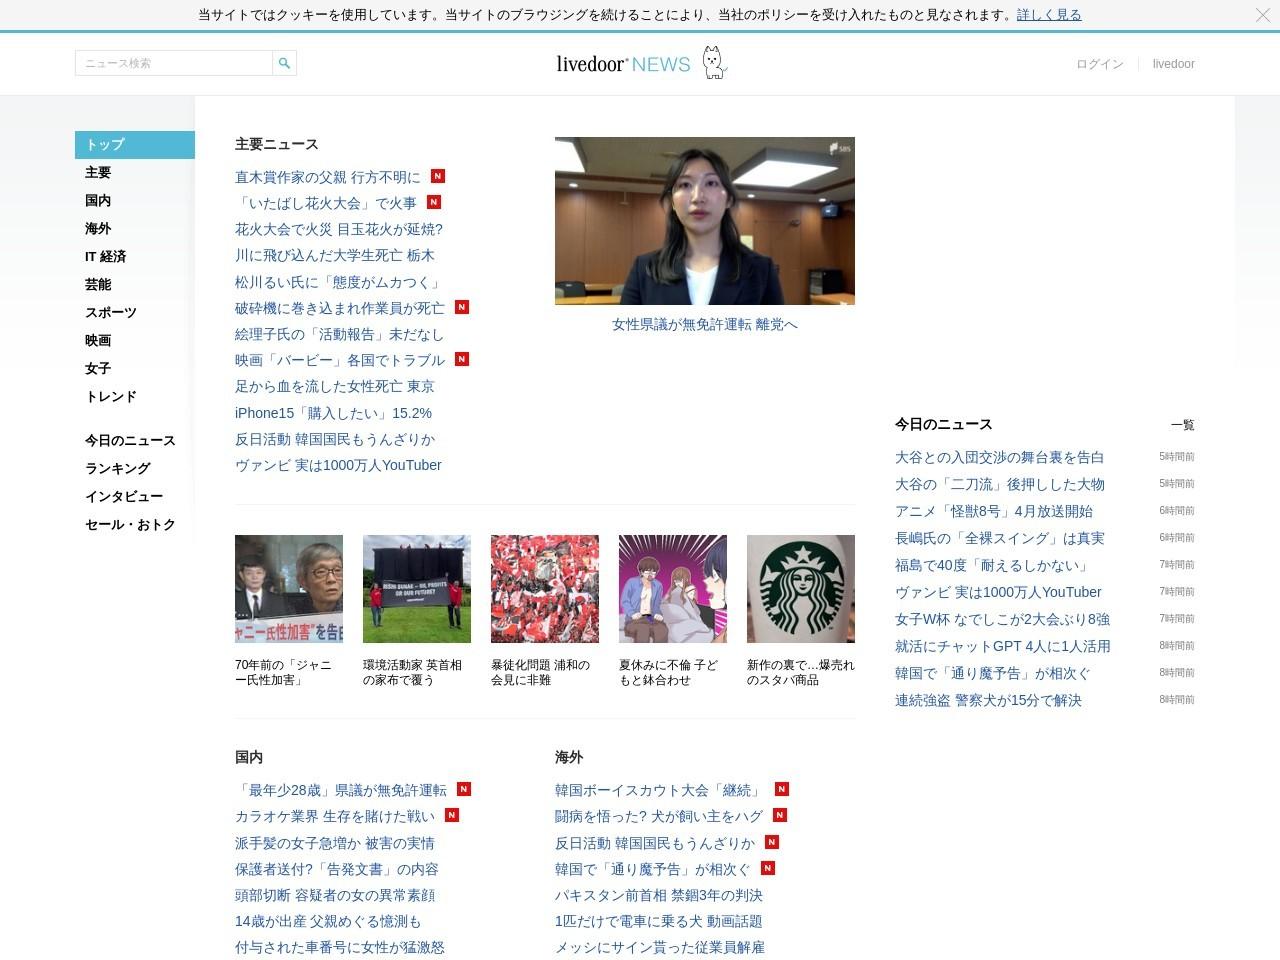 http://news.livedoor.com/article/detail/9134890/